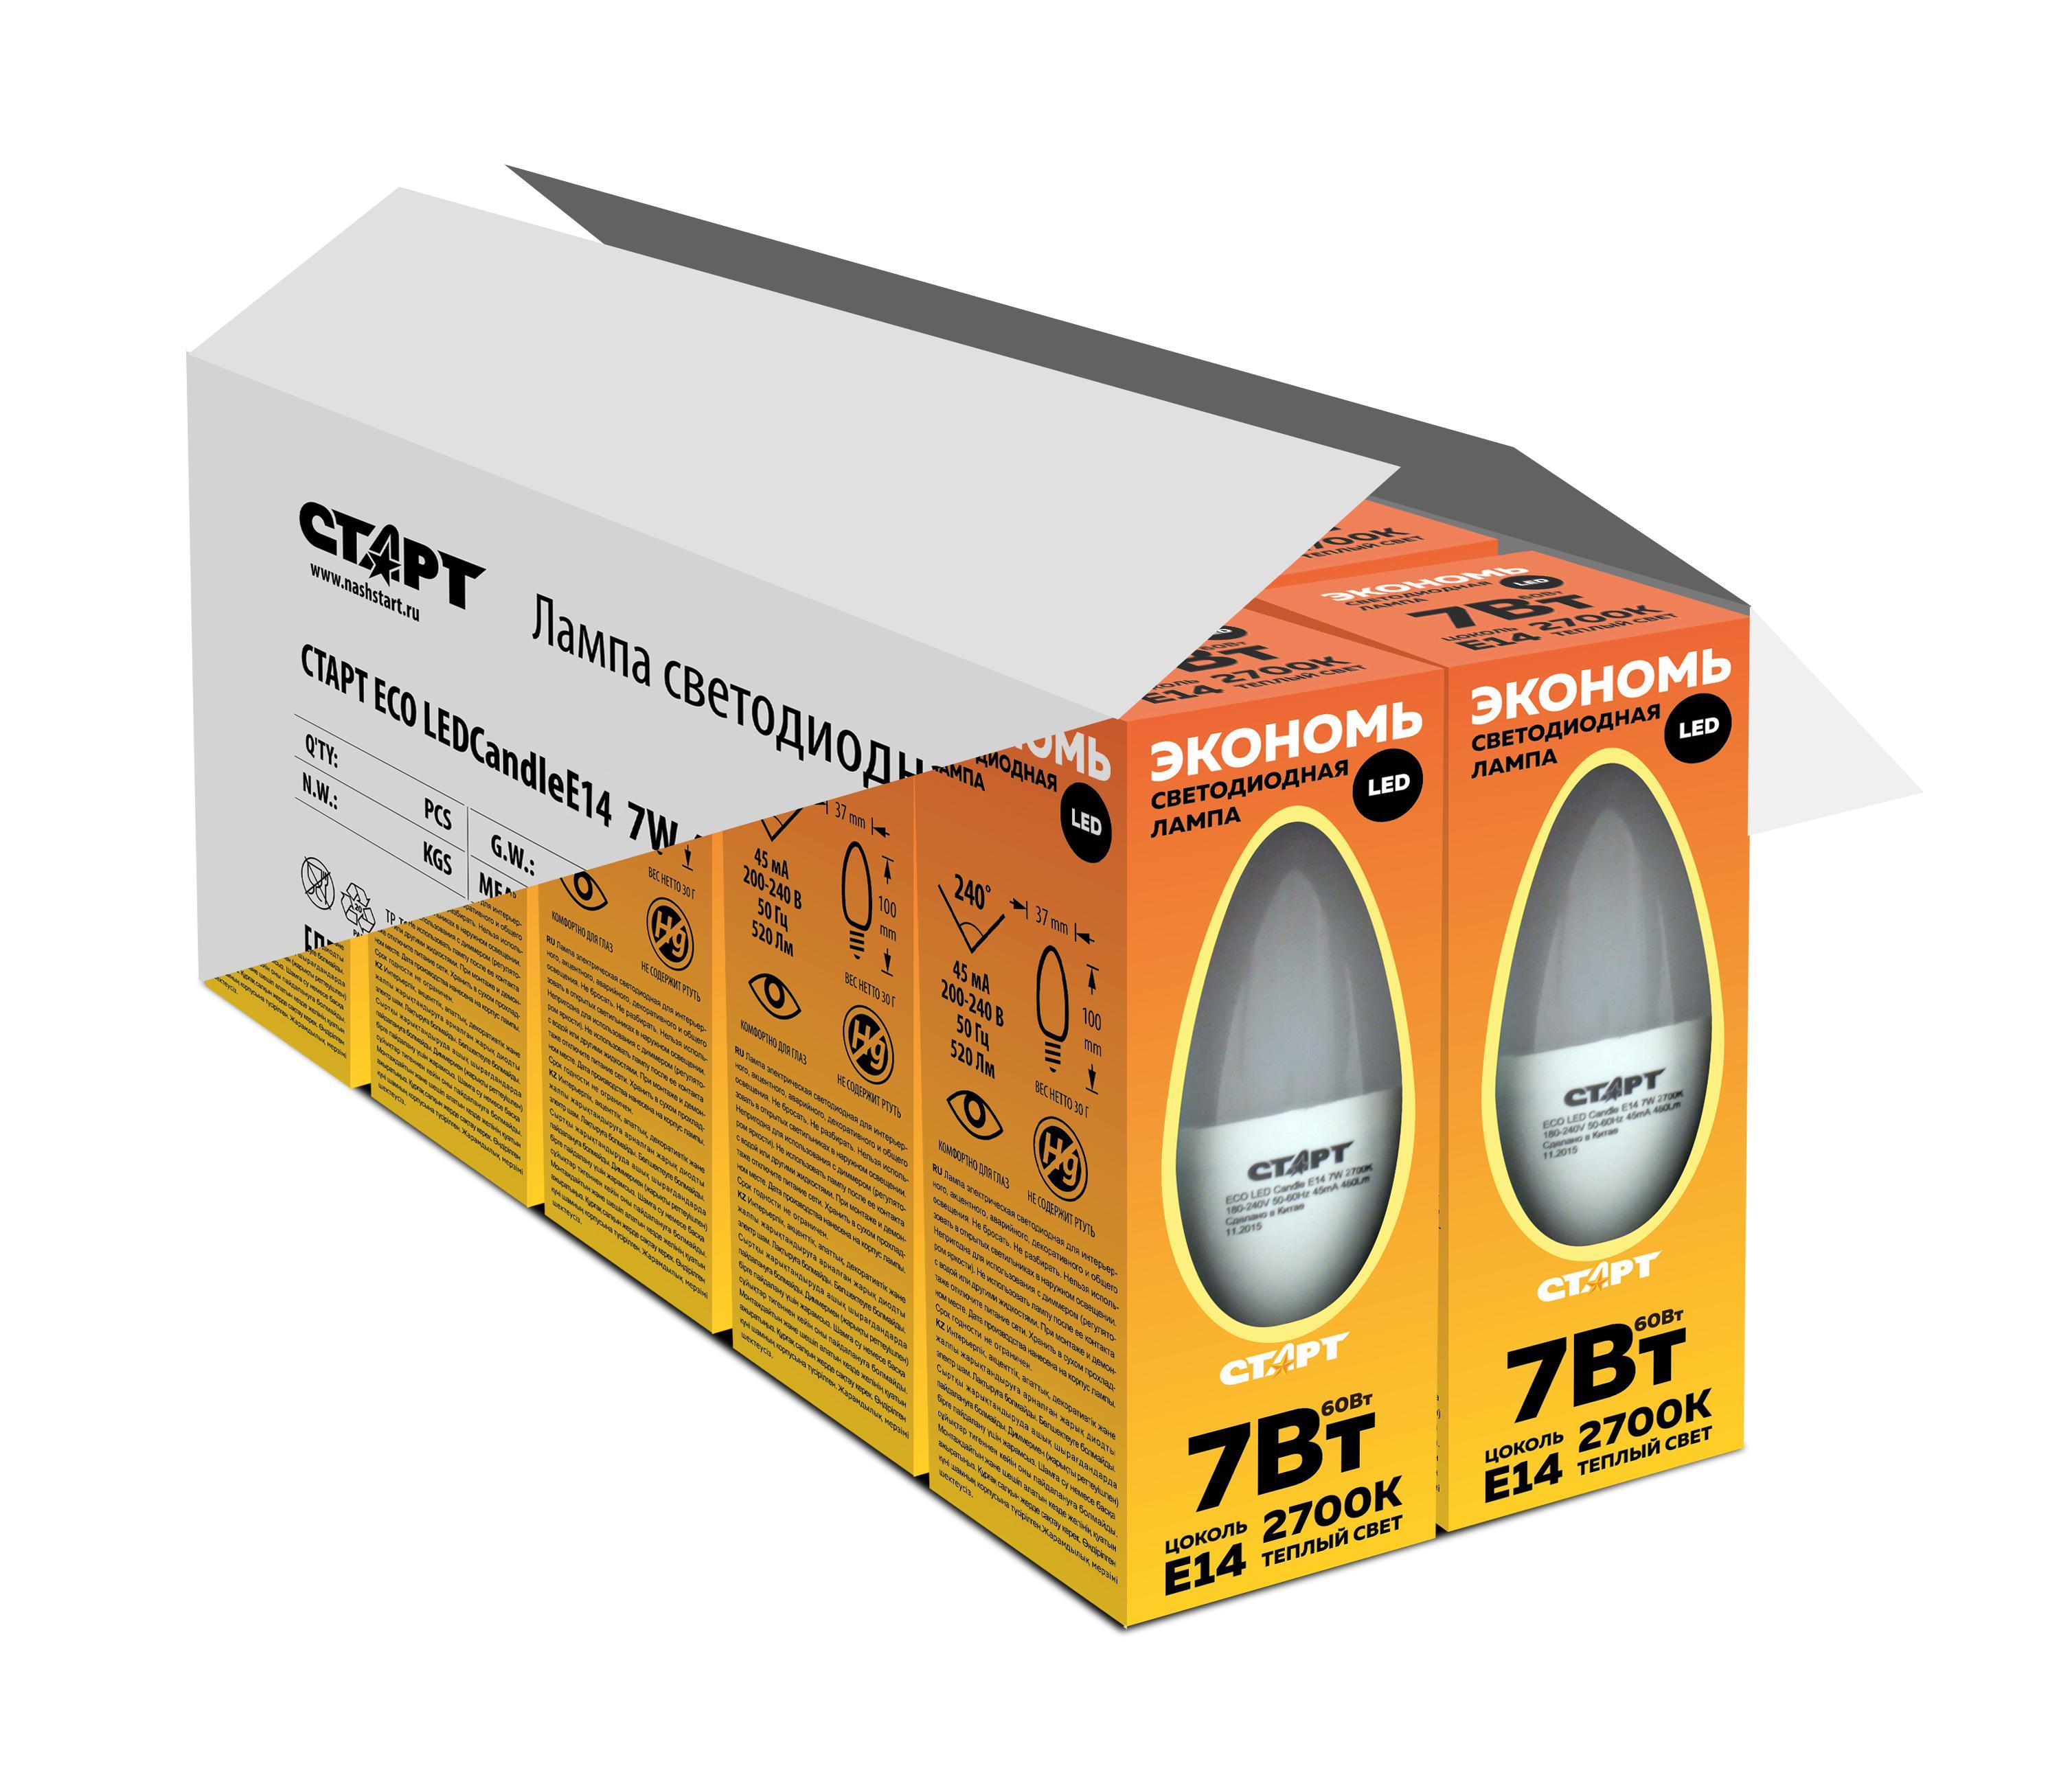 Лампа светодиодная СТАРТ Eco ledcandle e14 7w 3000К тепл. cвет ПРОМОНАБОР